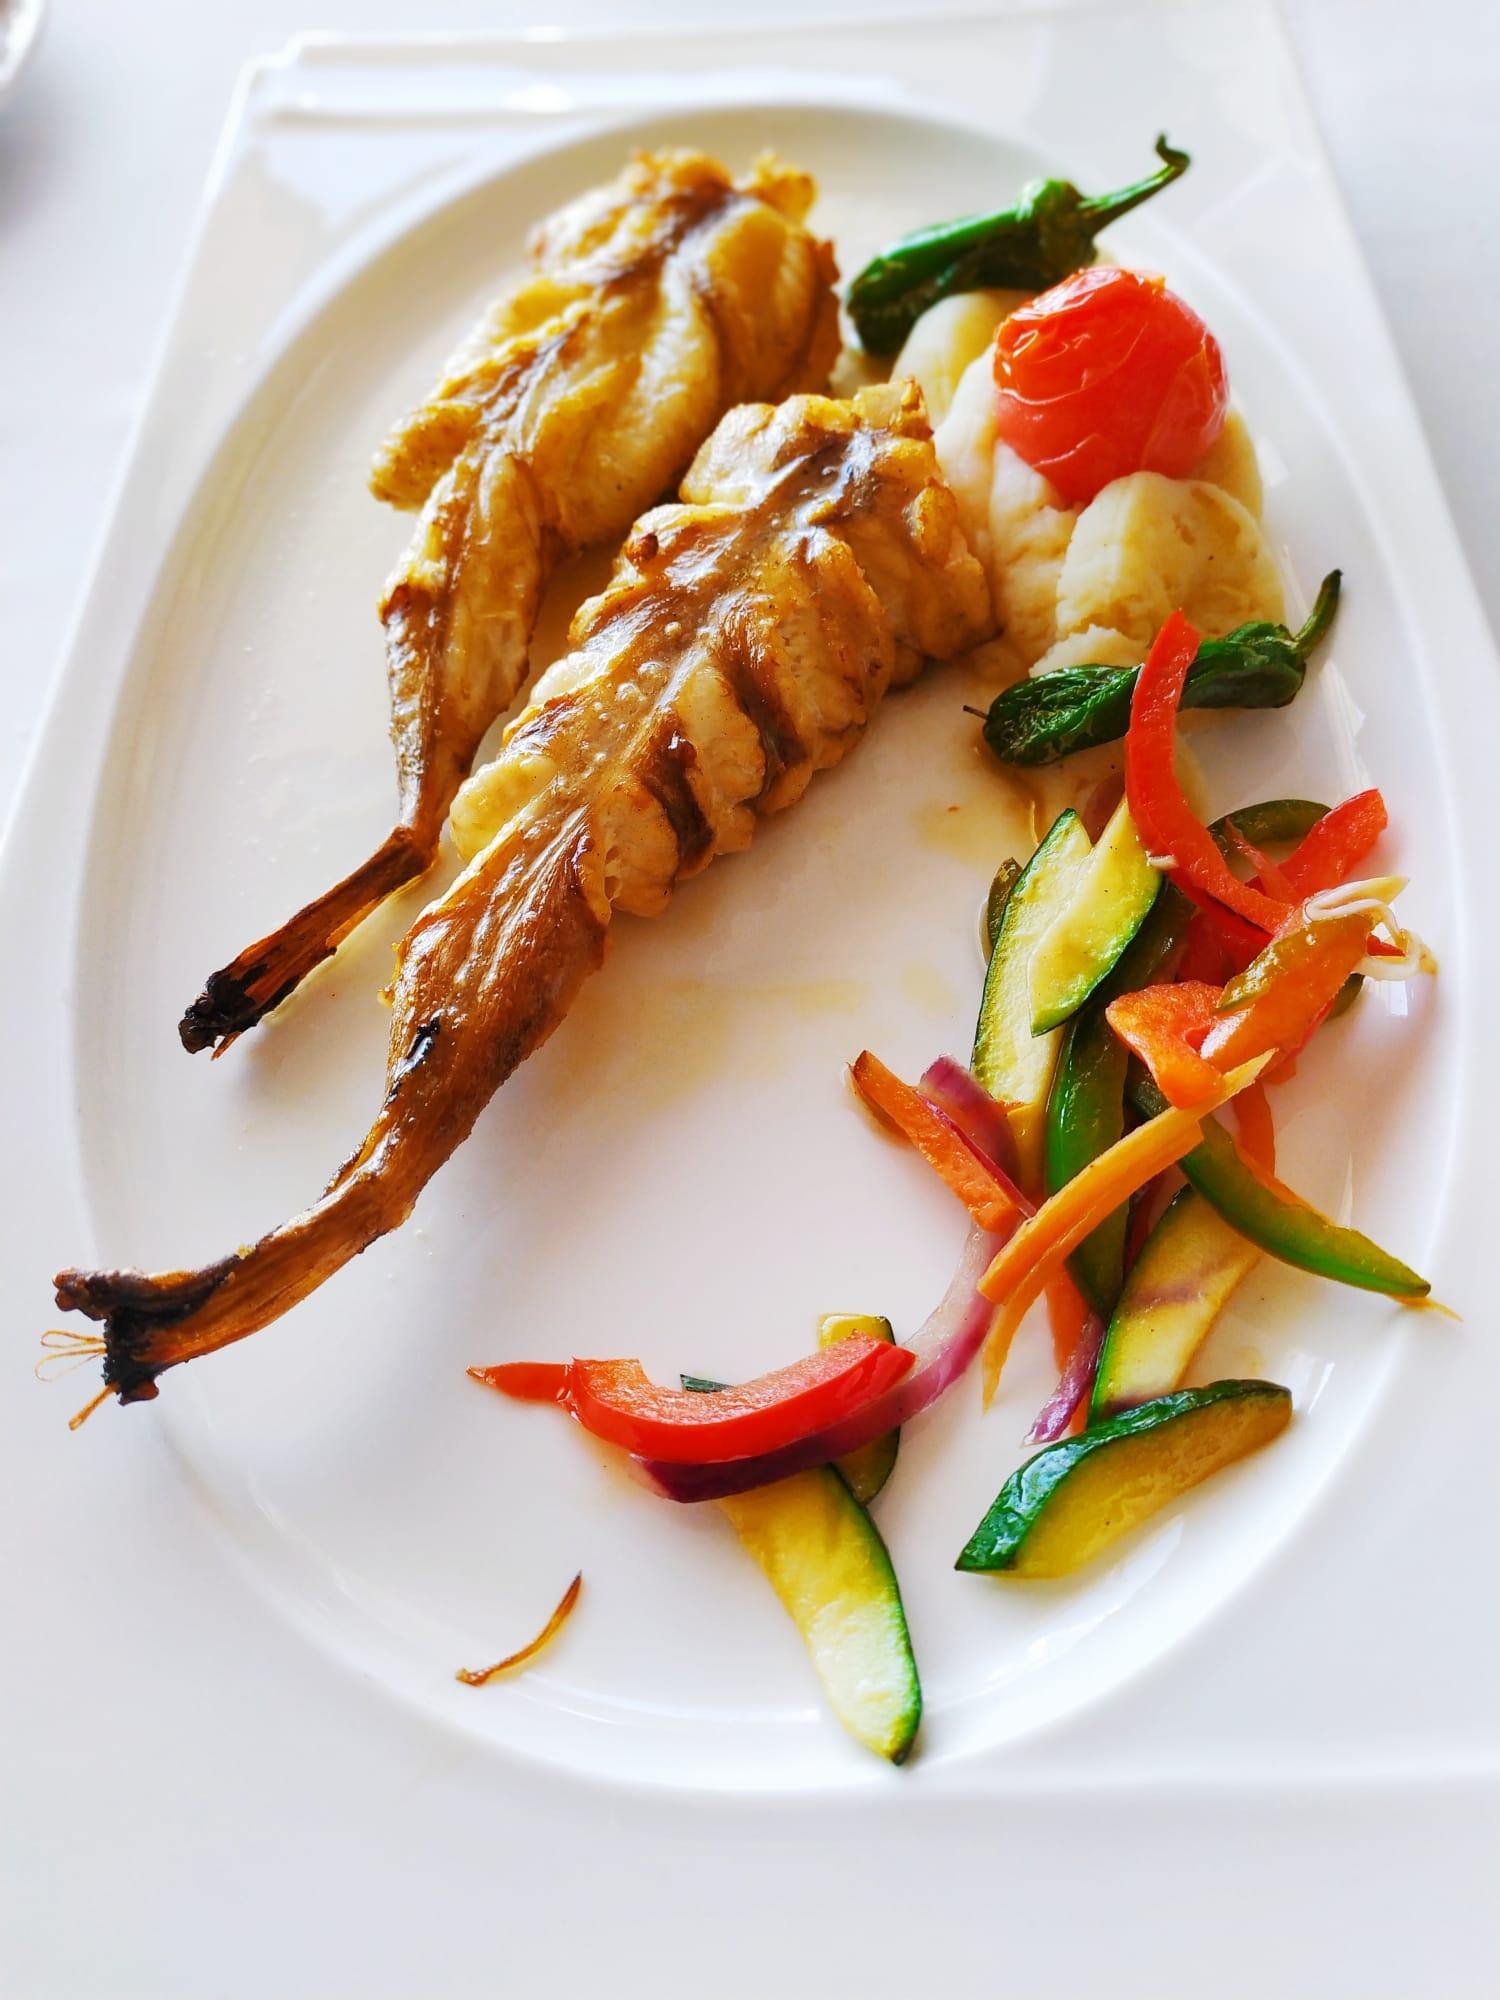 Exquisitos platos en Restaurante Balandros